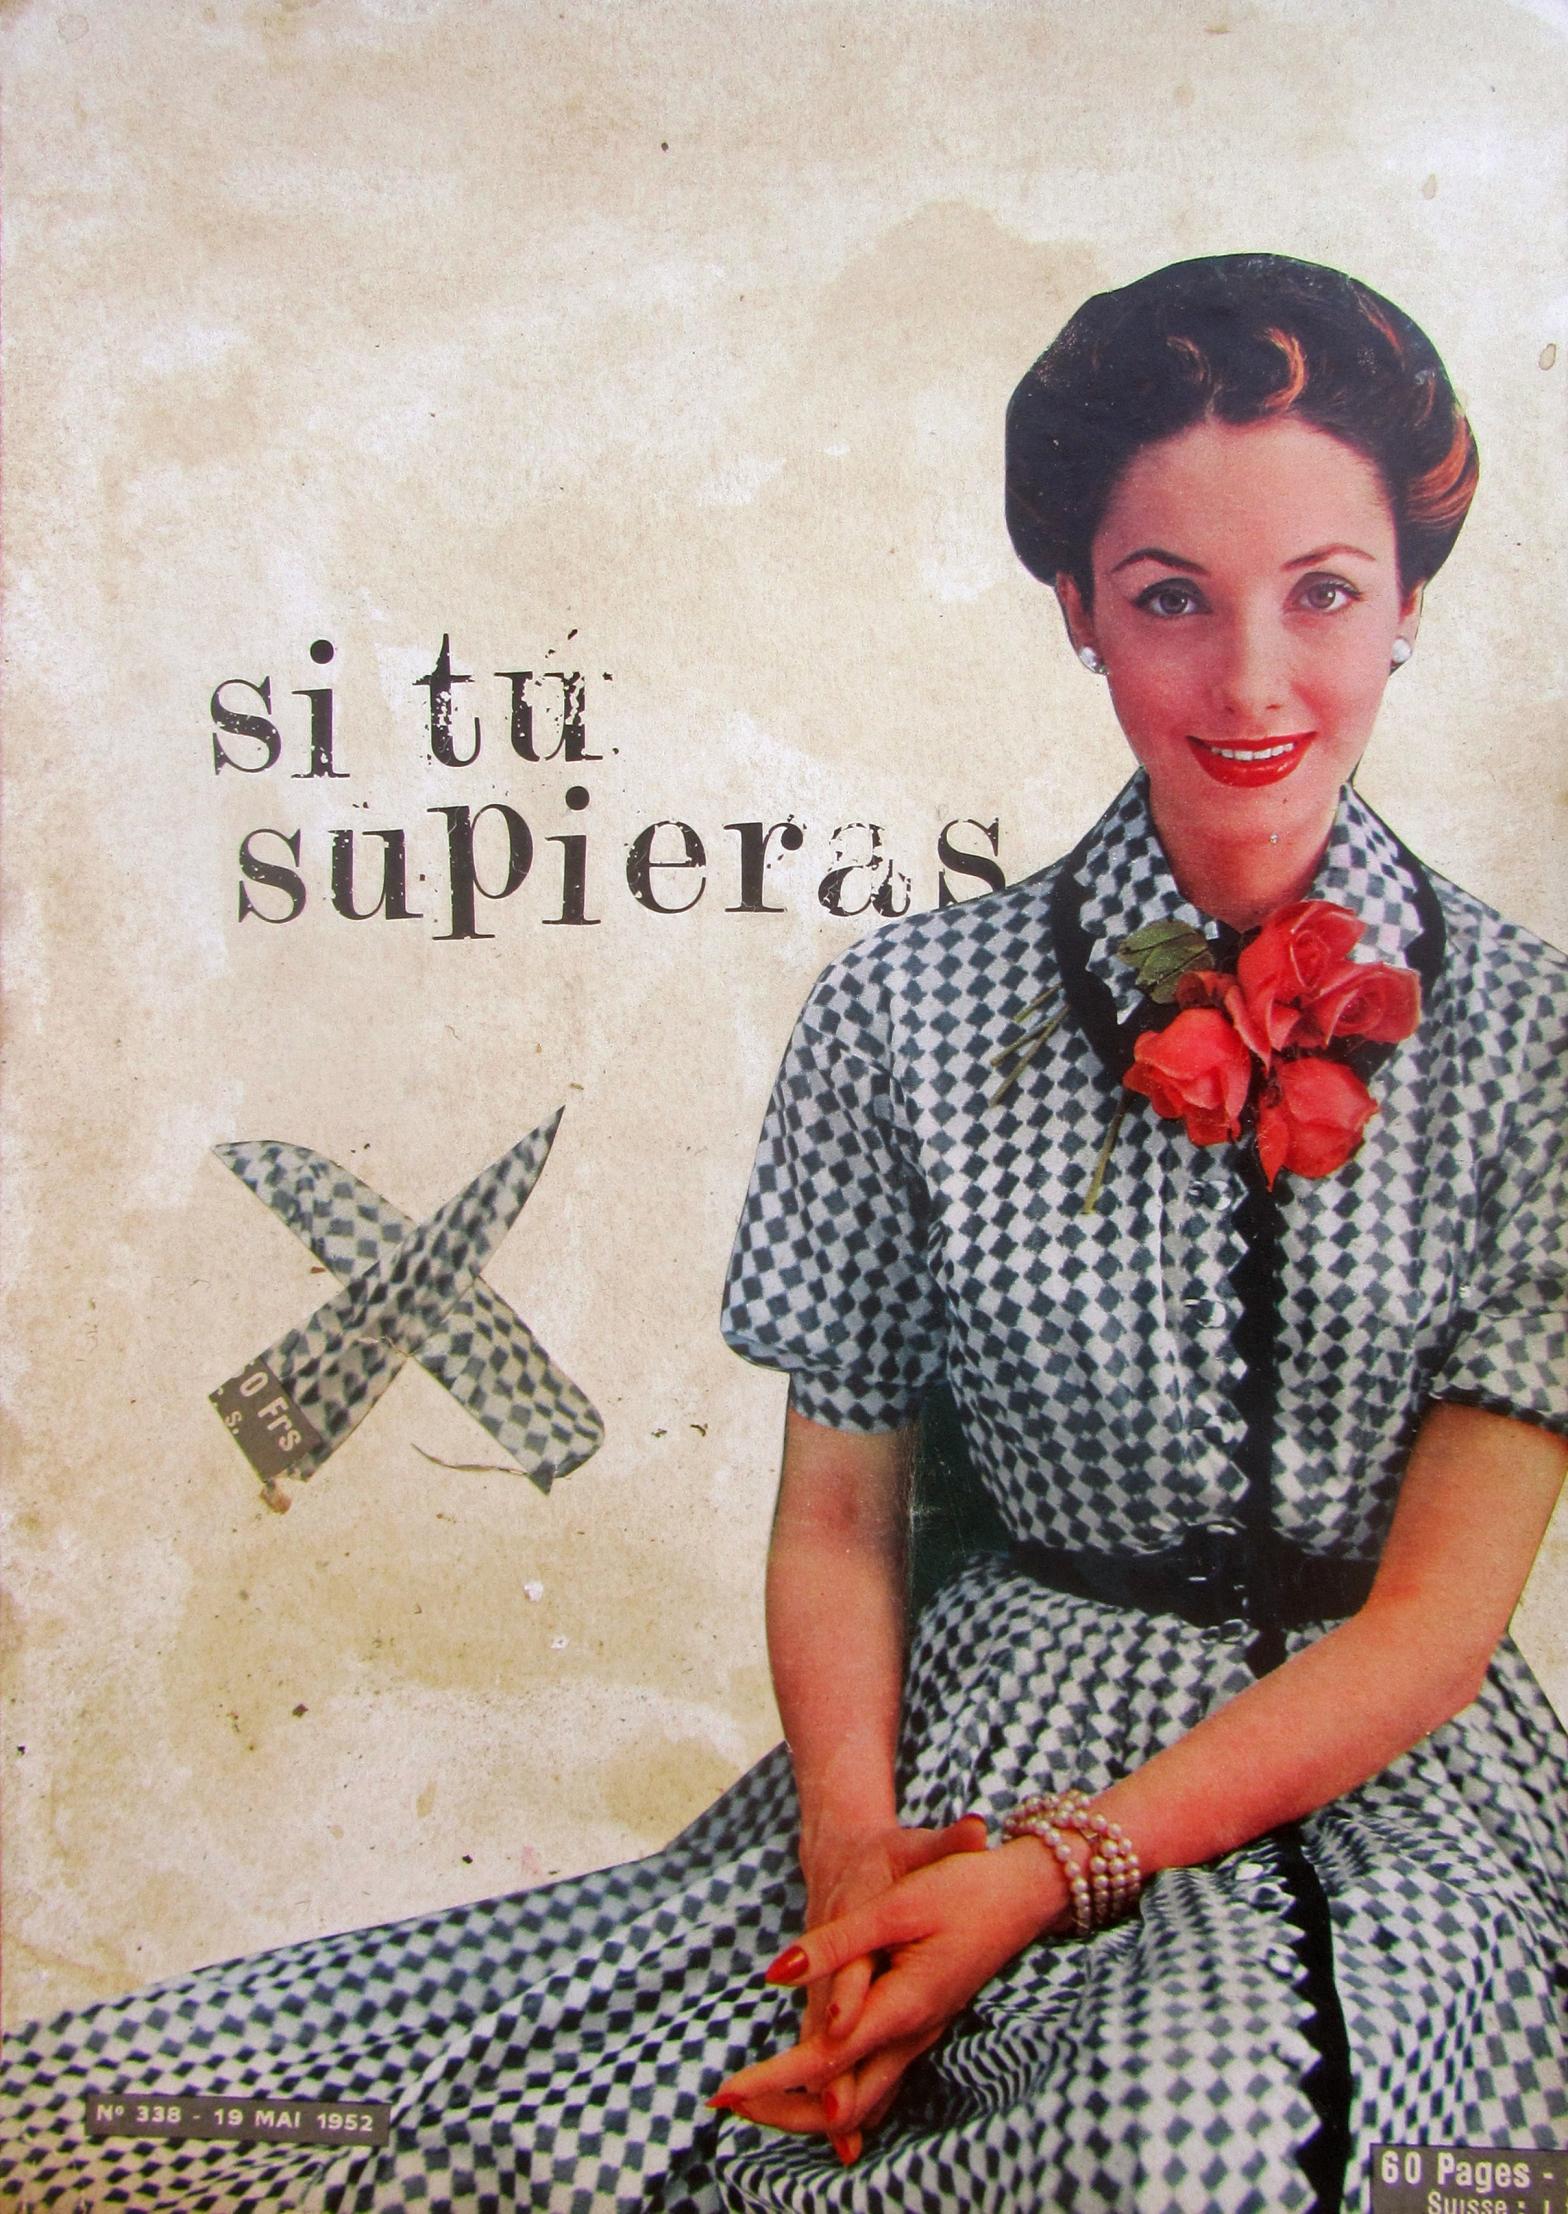 Si tu supieras_LauraUPS, collage, mujer, woman, femenin, old school